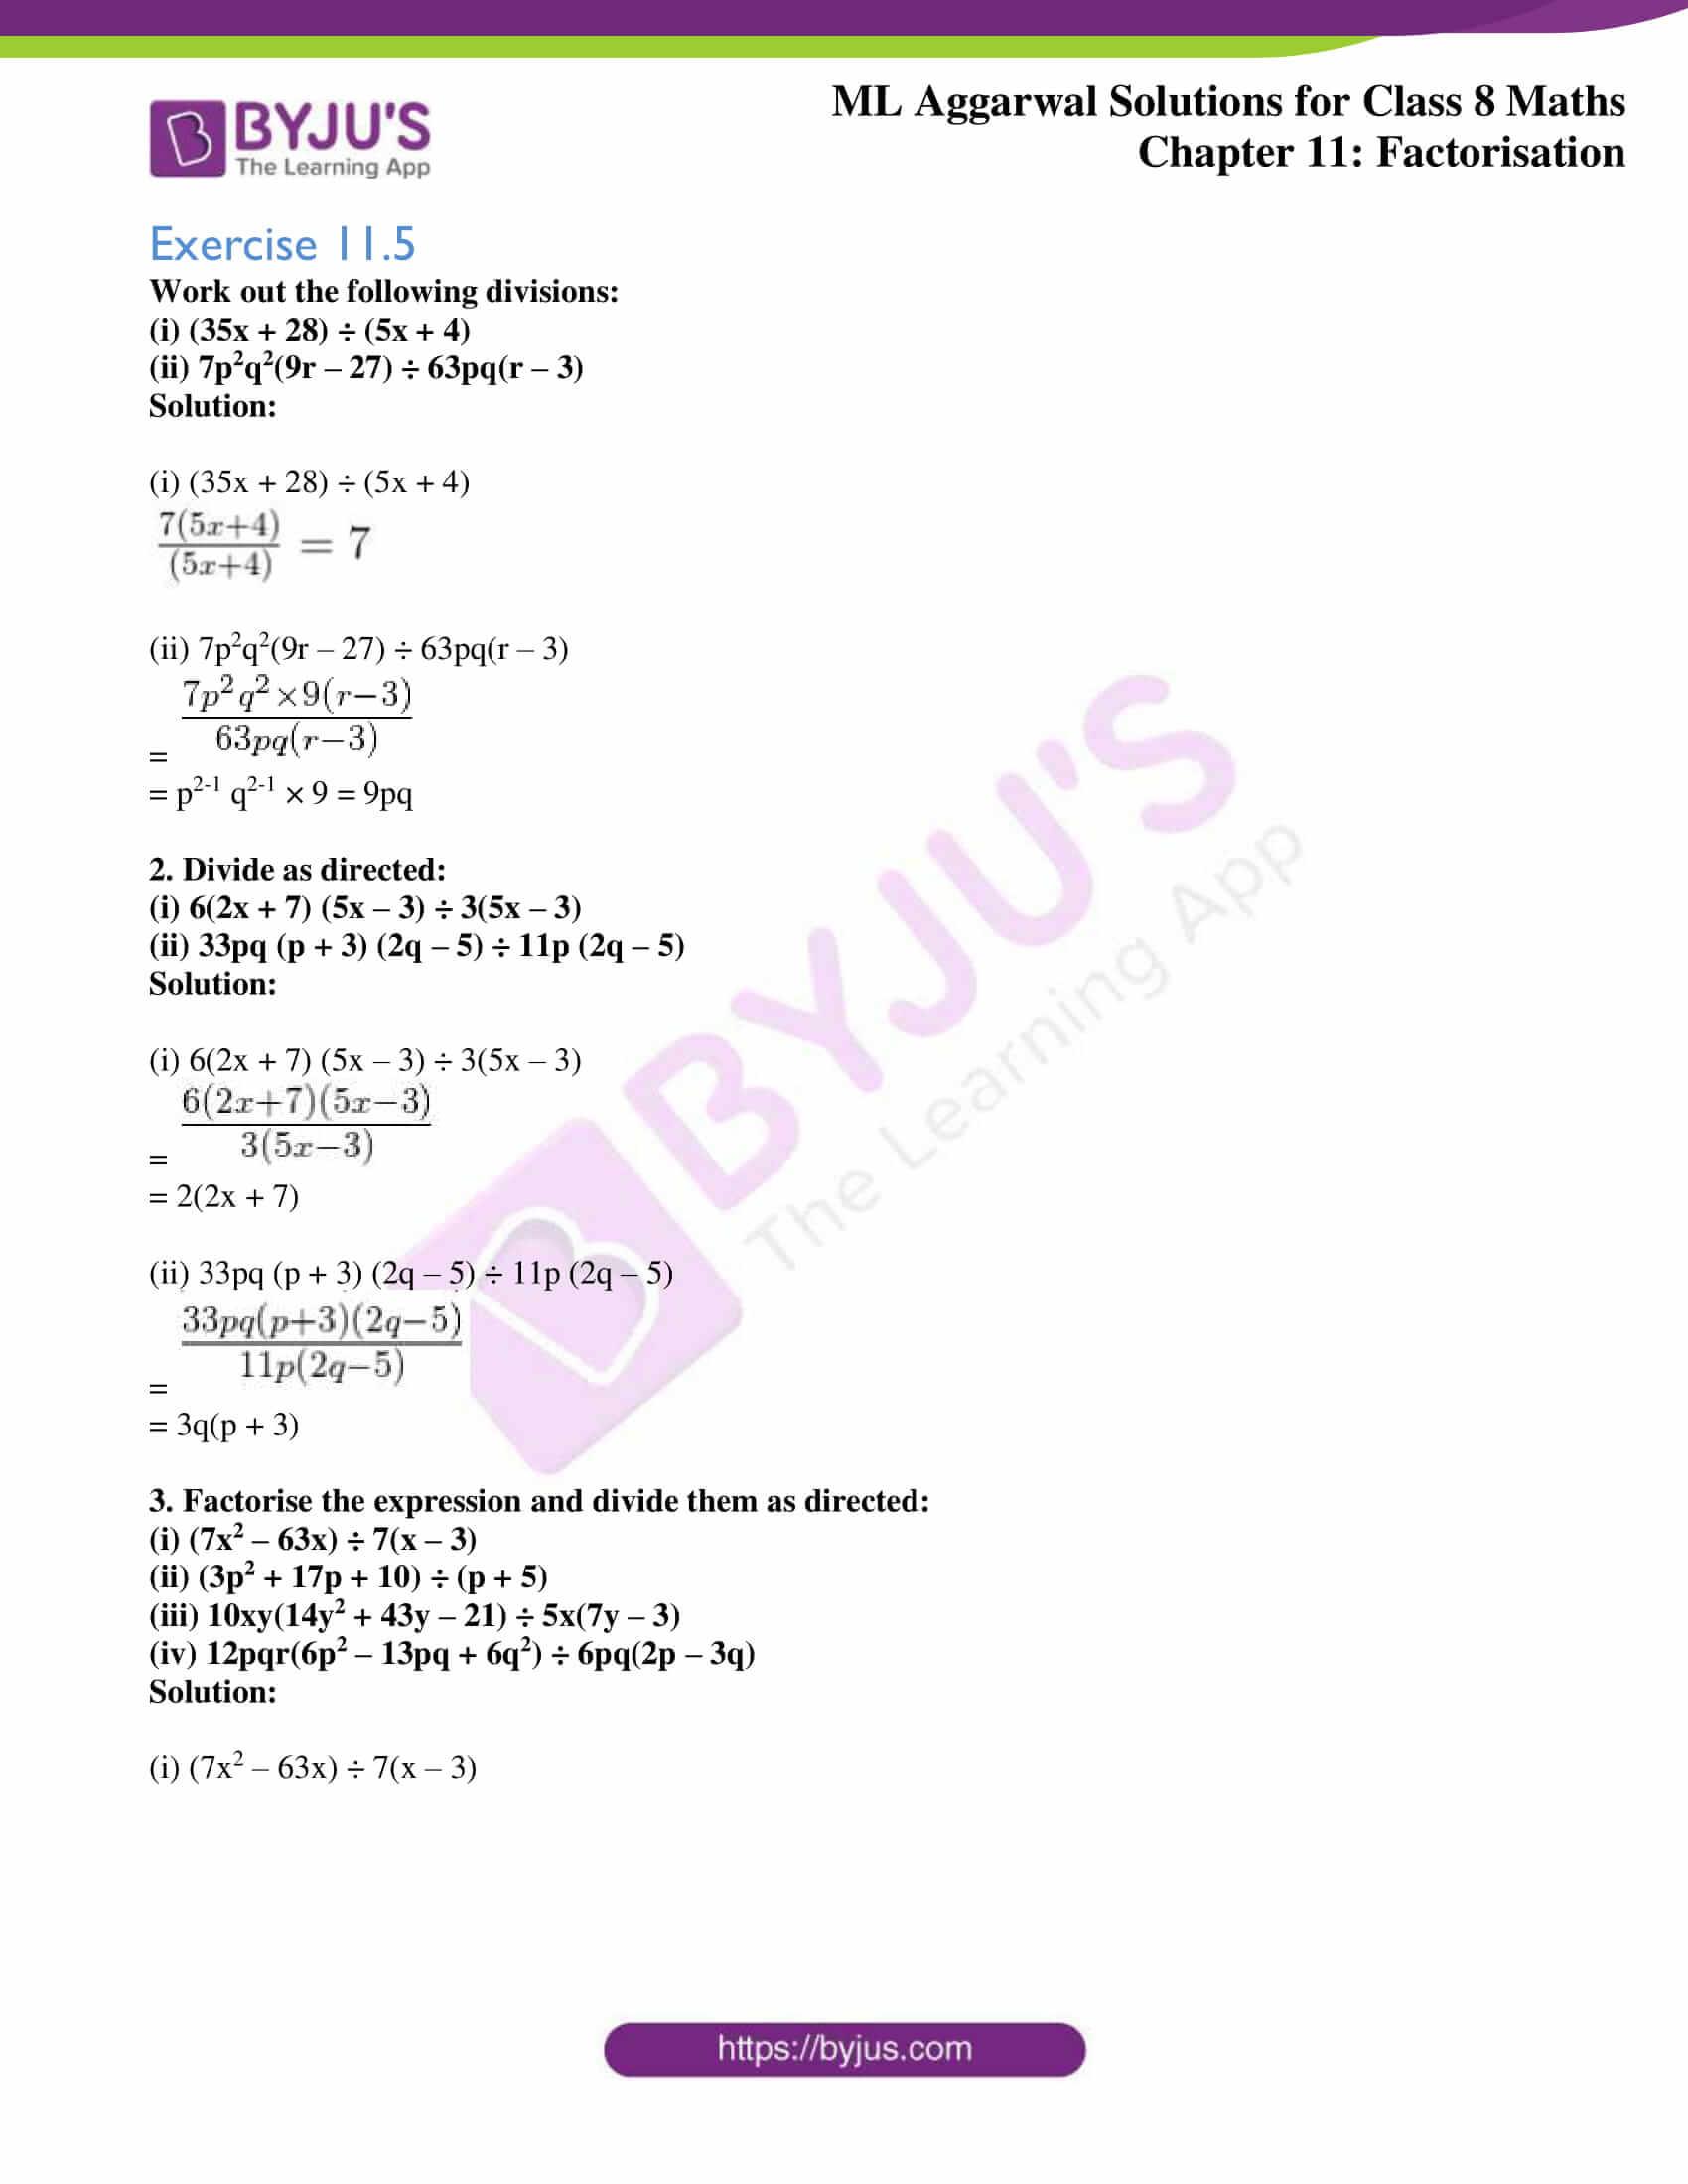 ml aggarwal sol mathematics class 8 ch 11 16